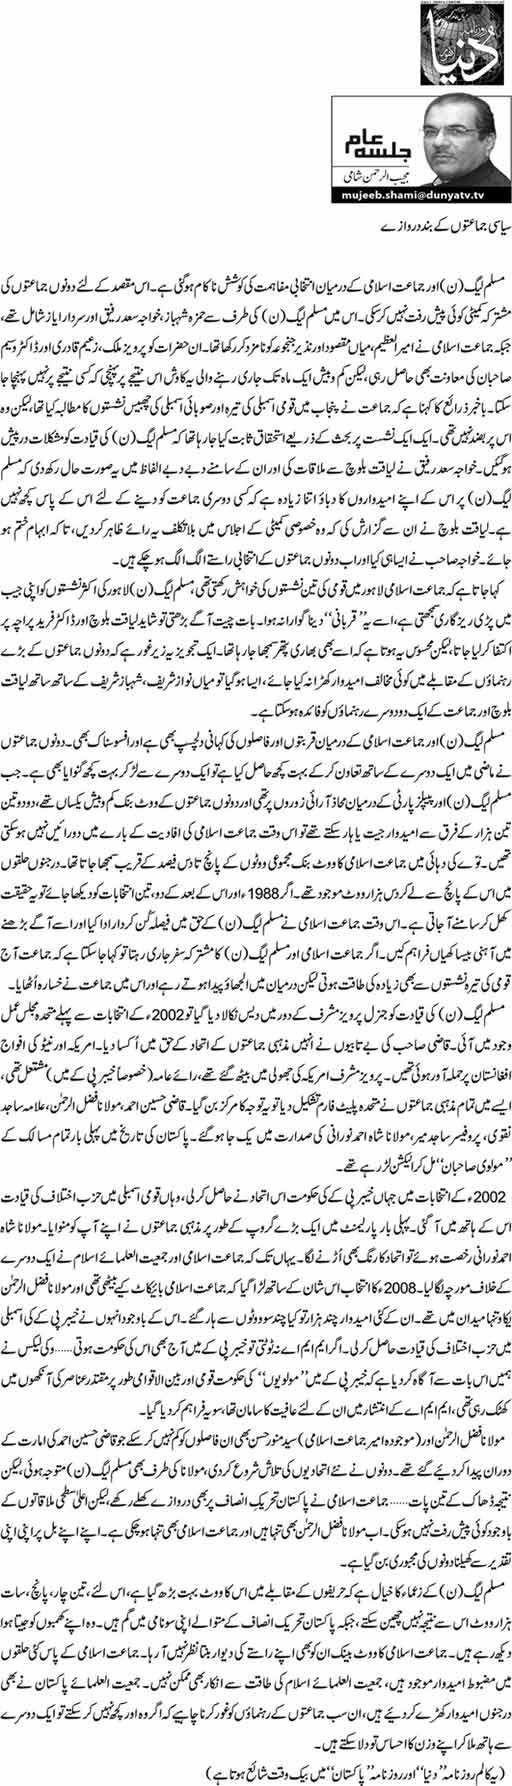 Siyasi Jamaton K Band Darwazay - Mujeeb ur Rehman Shami